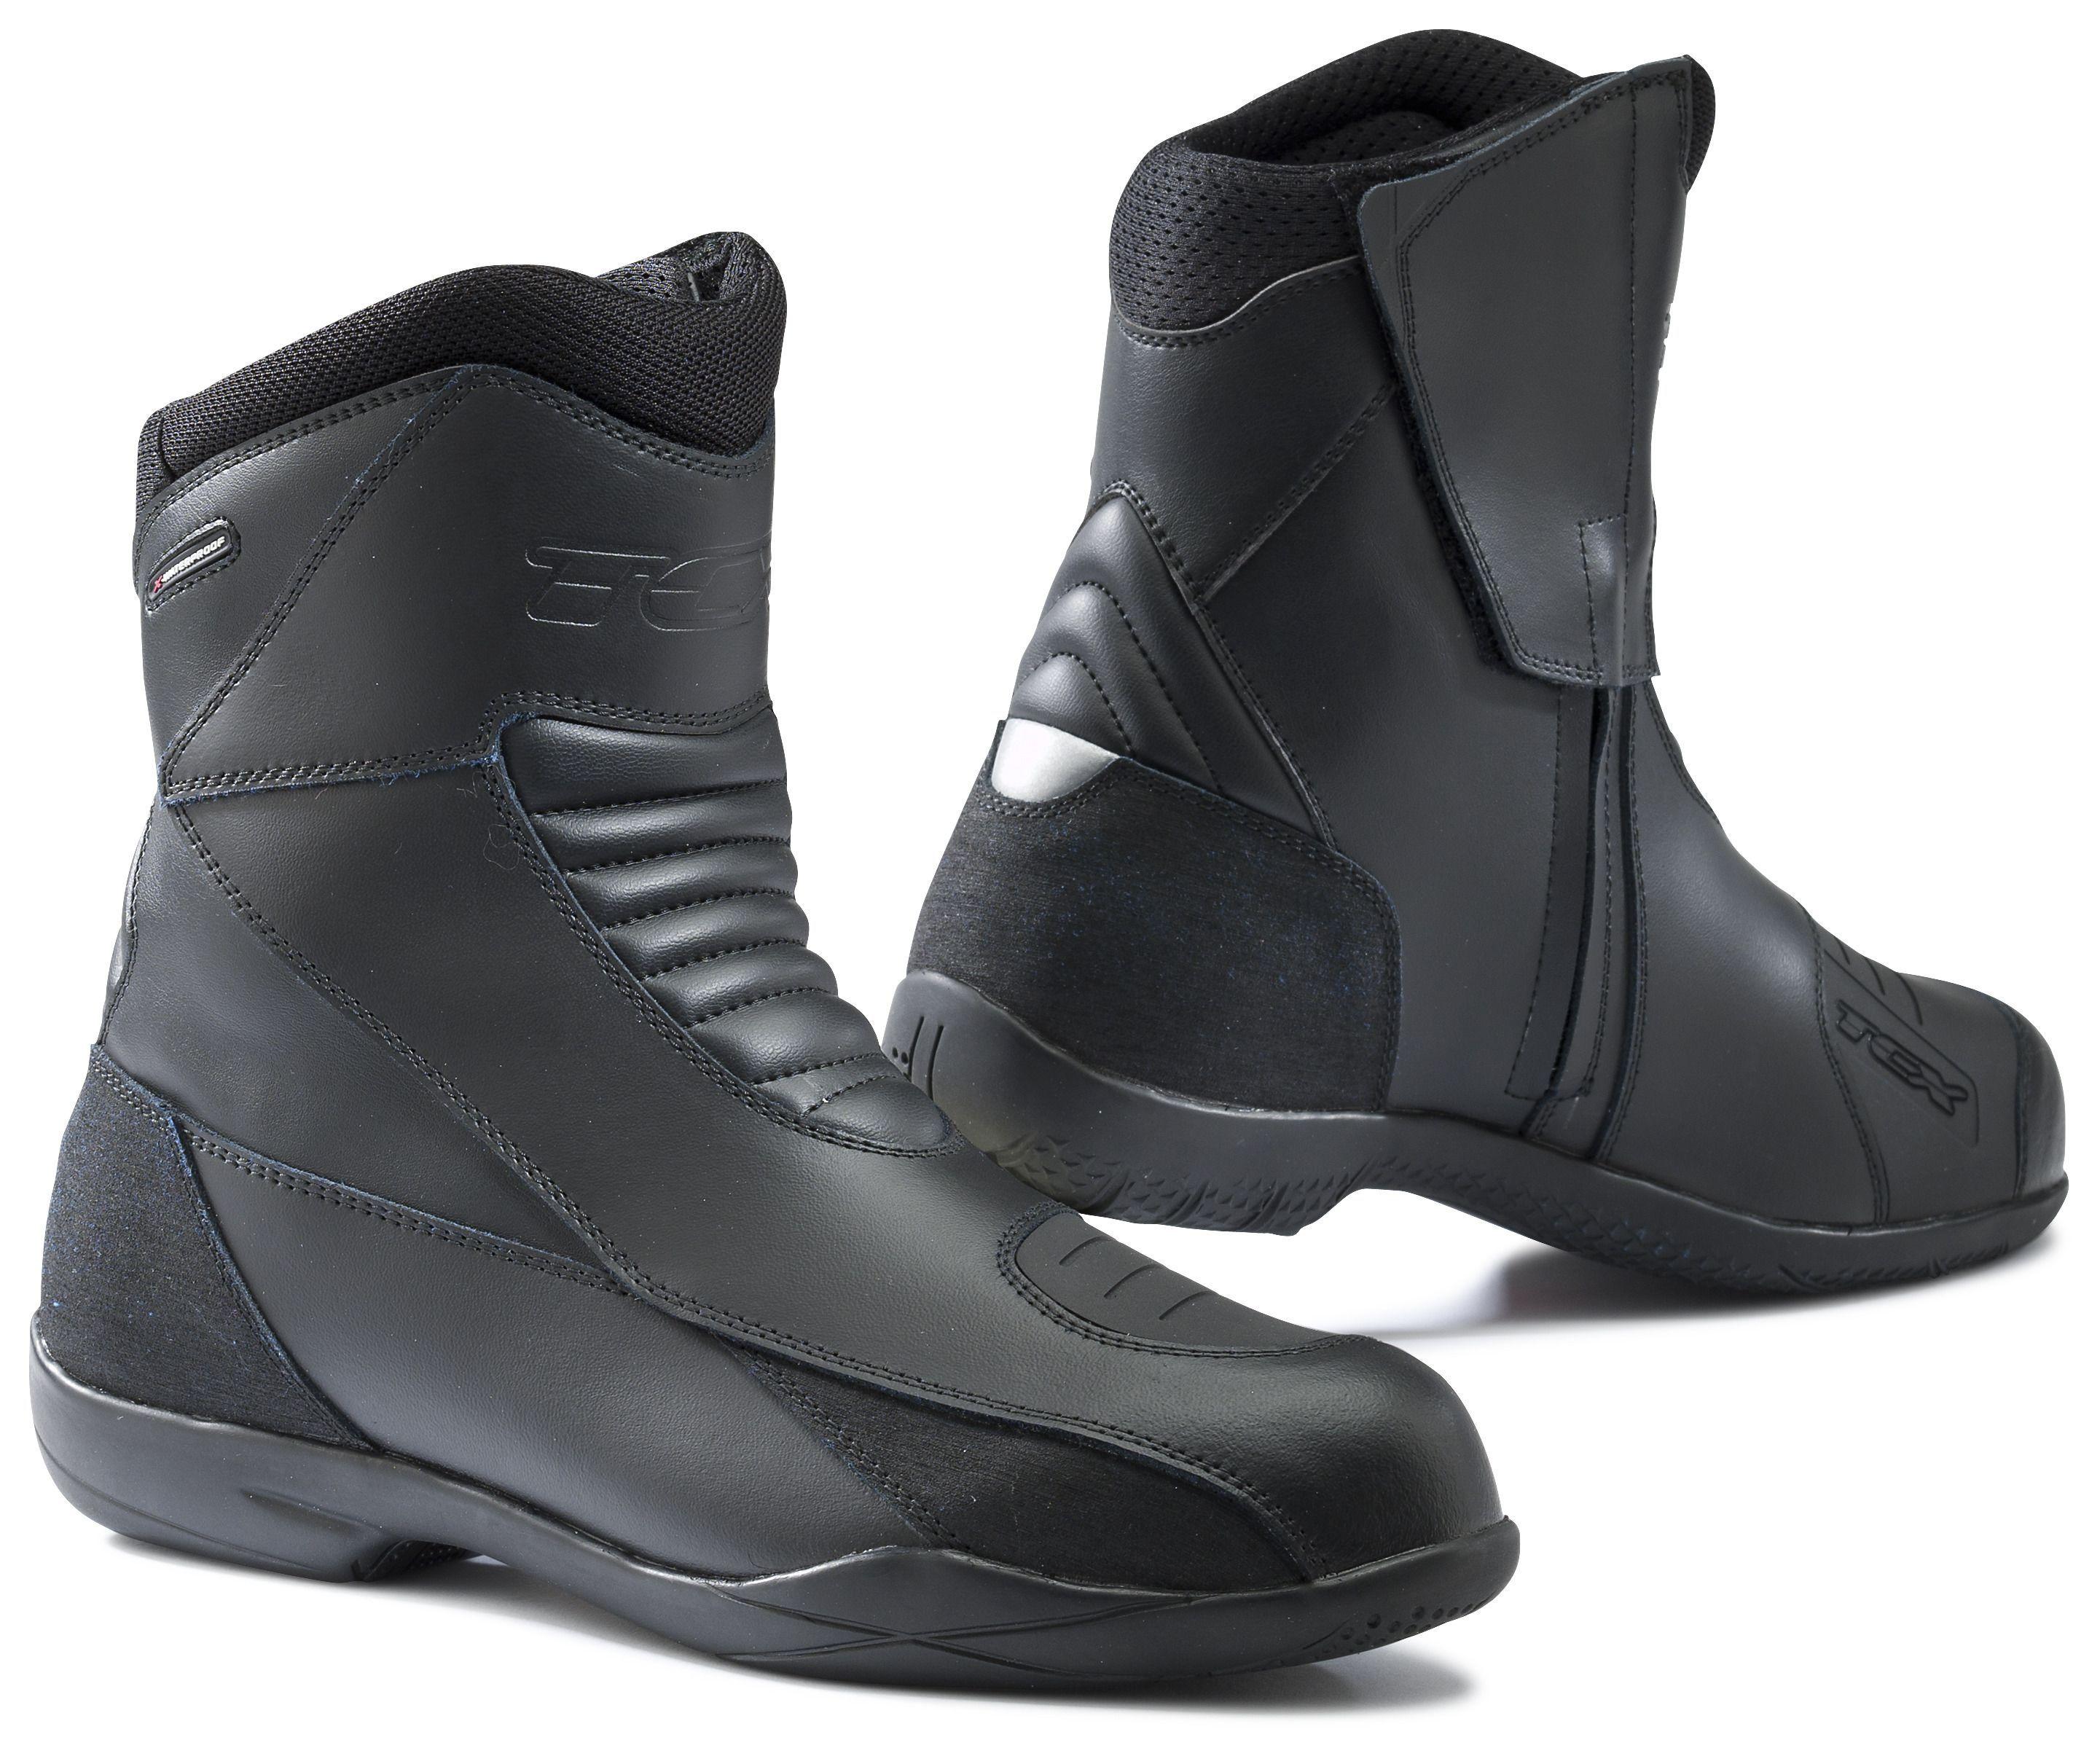 TCX Motorcycle Boots HUB WP